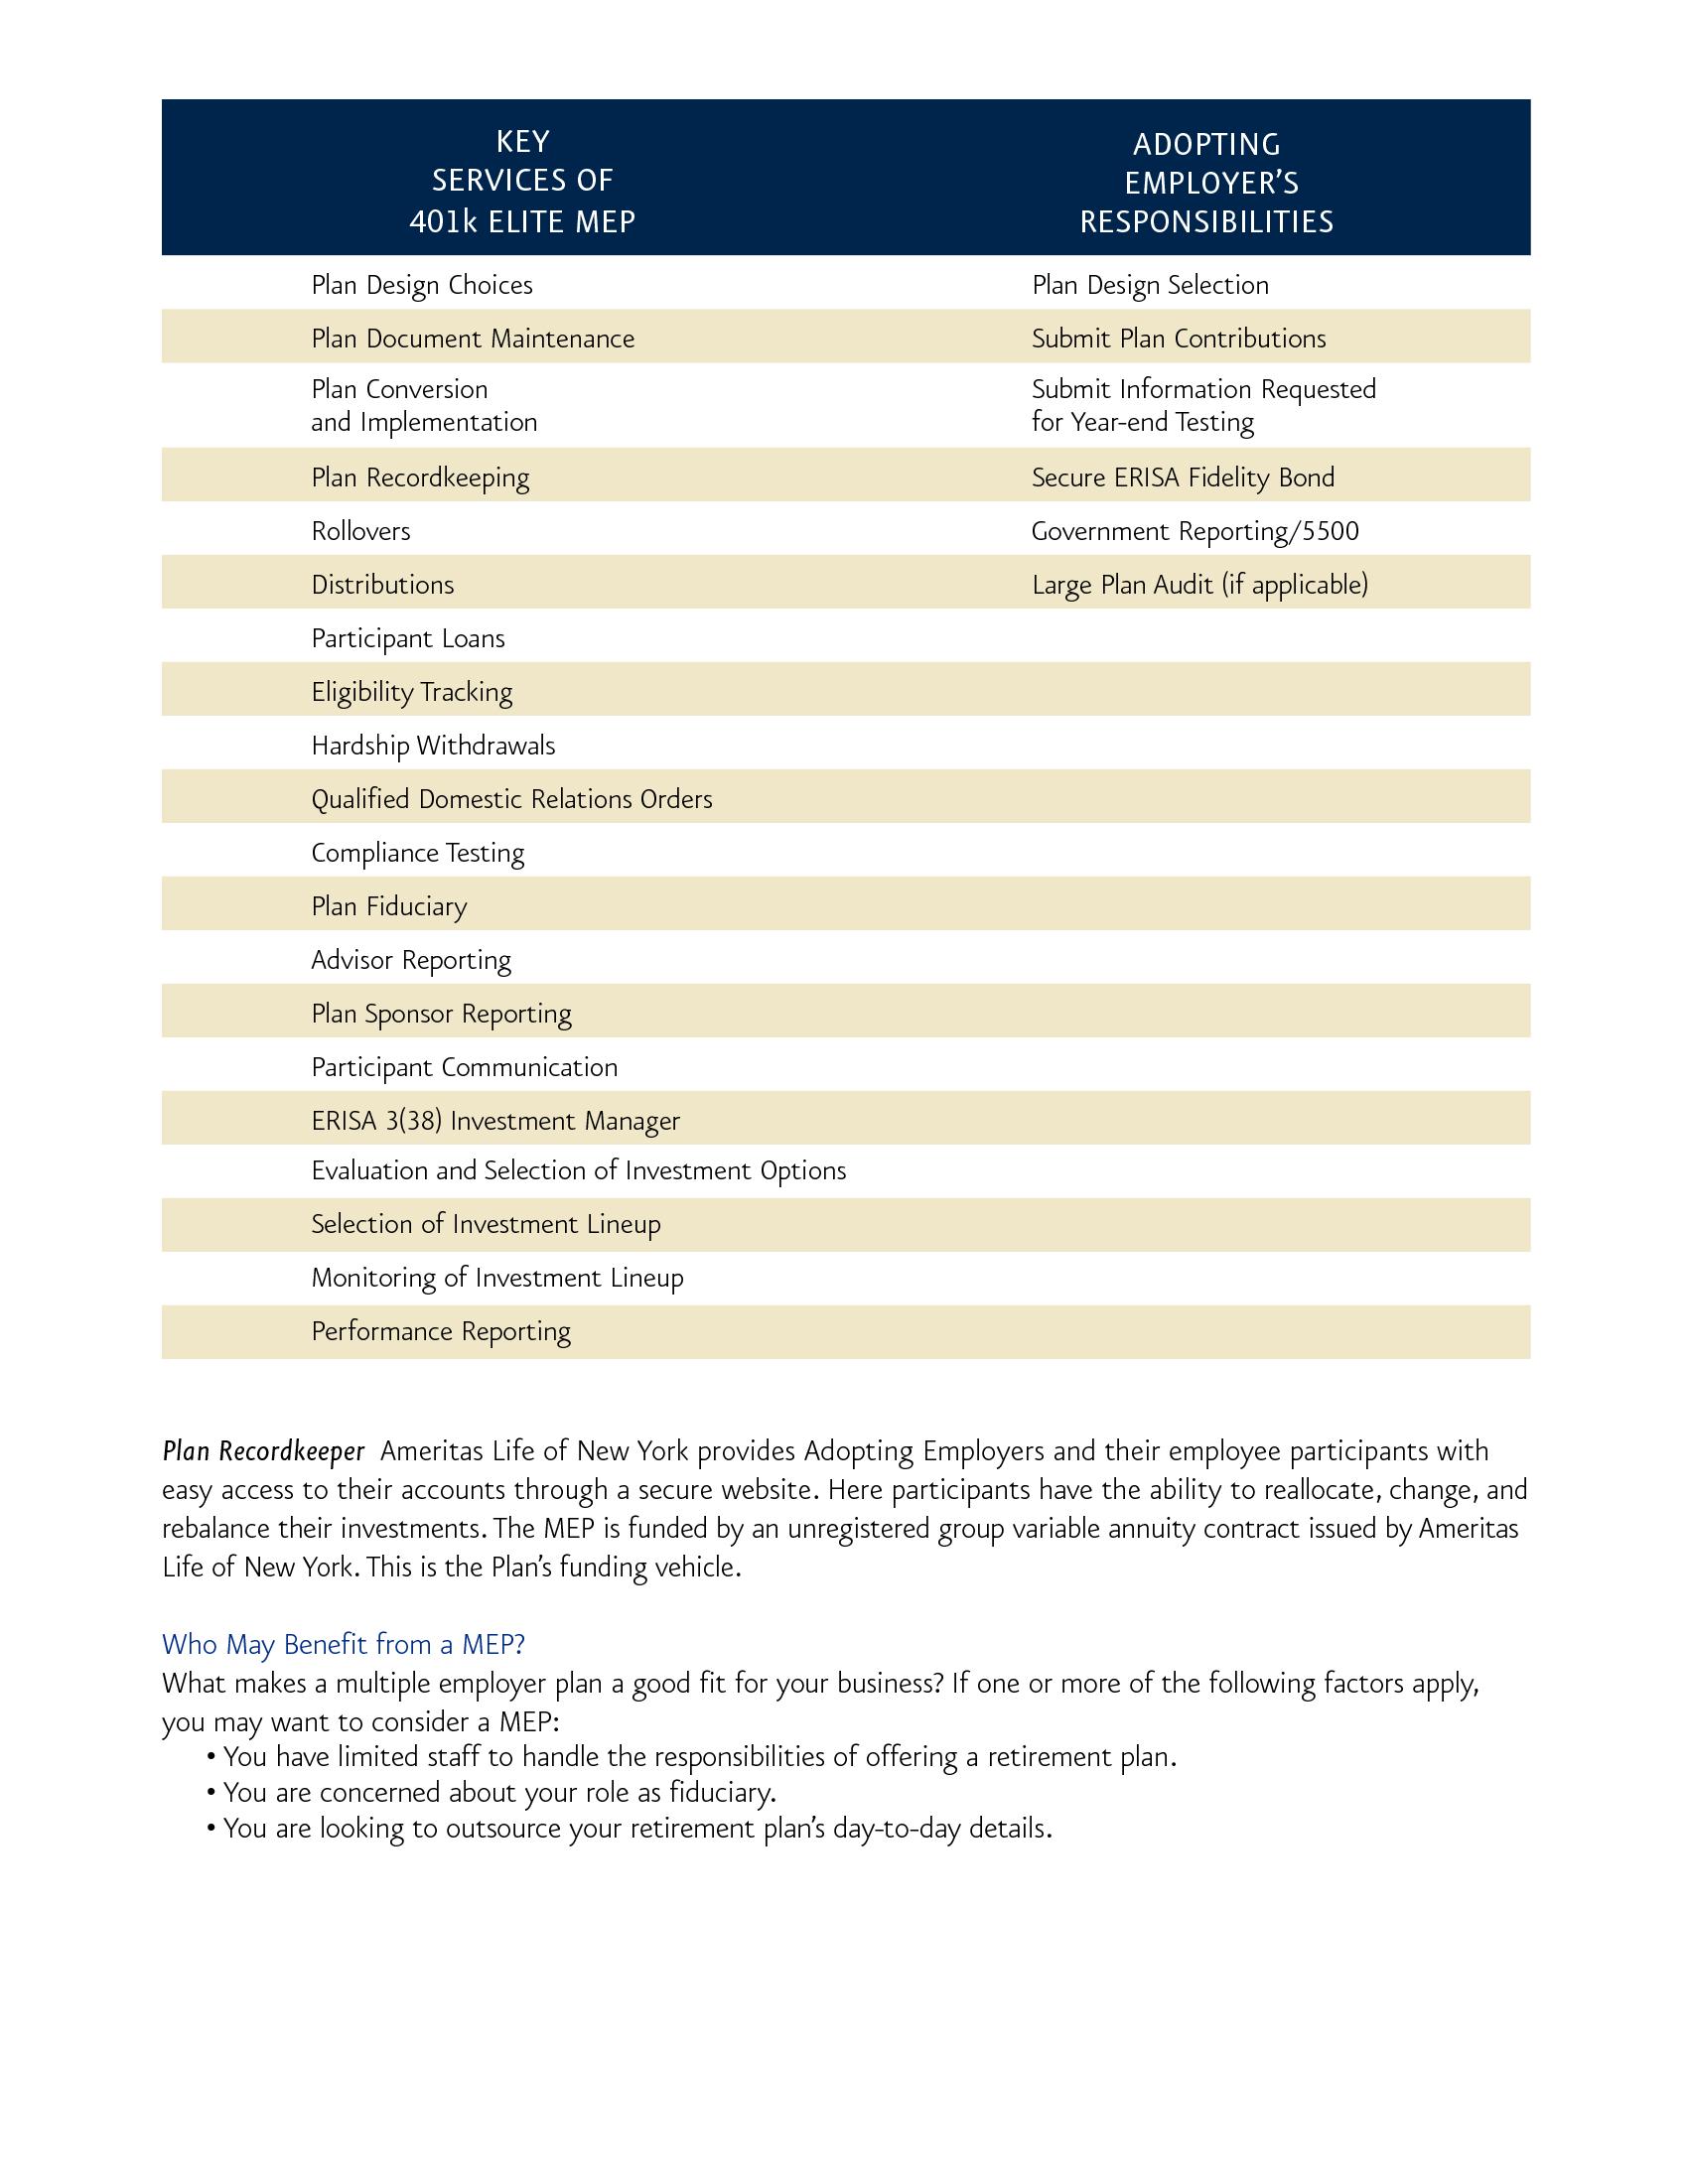 Advisorselect - 401k ELITE Multiple Employer Plan (MEP)®